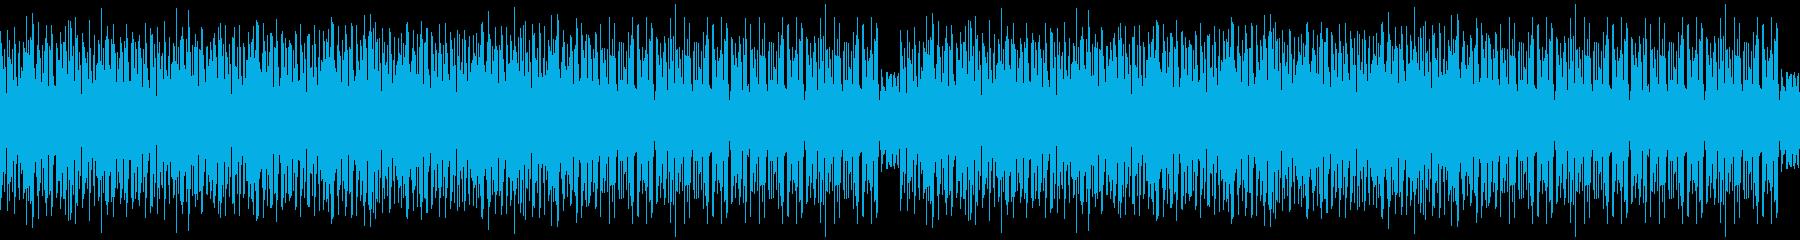 バトル・ゲームの再生済みの波形